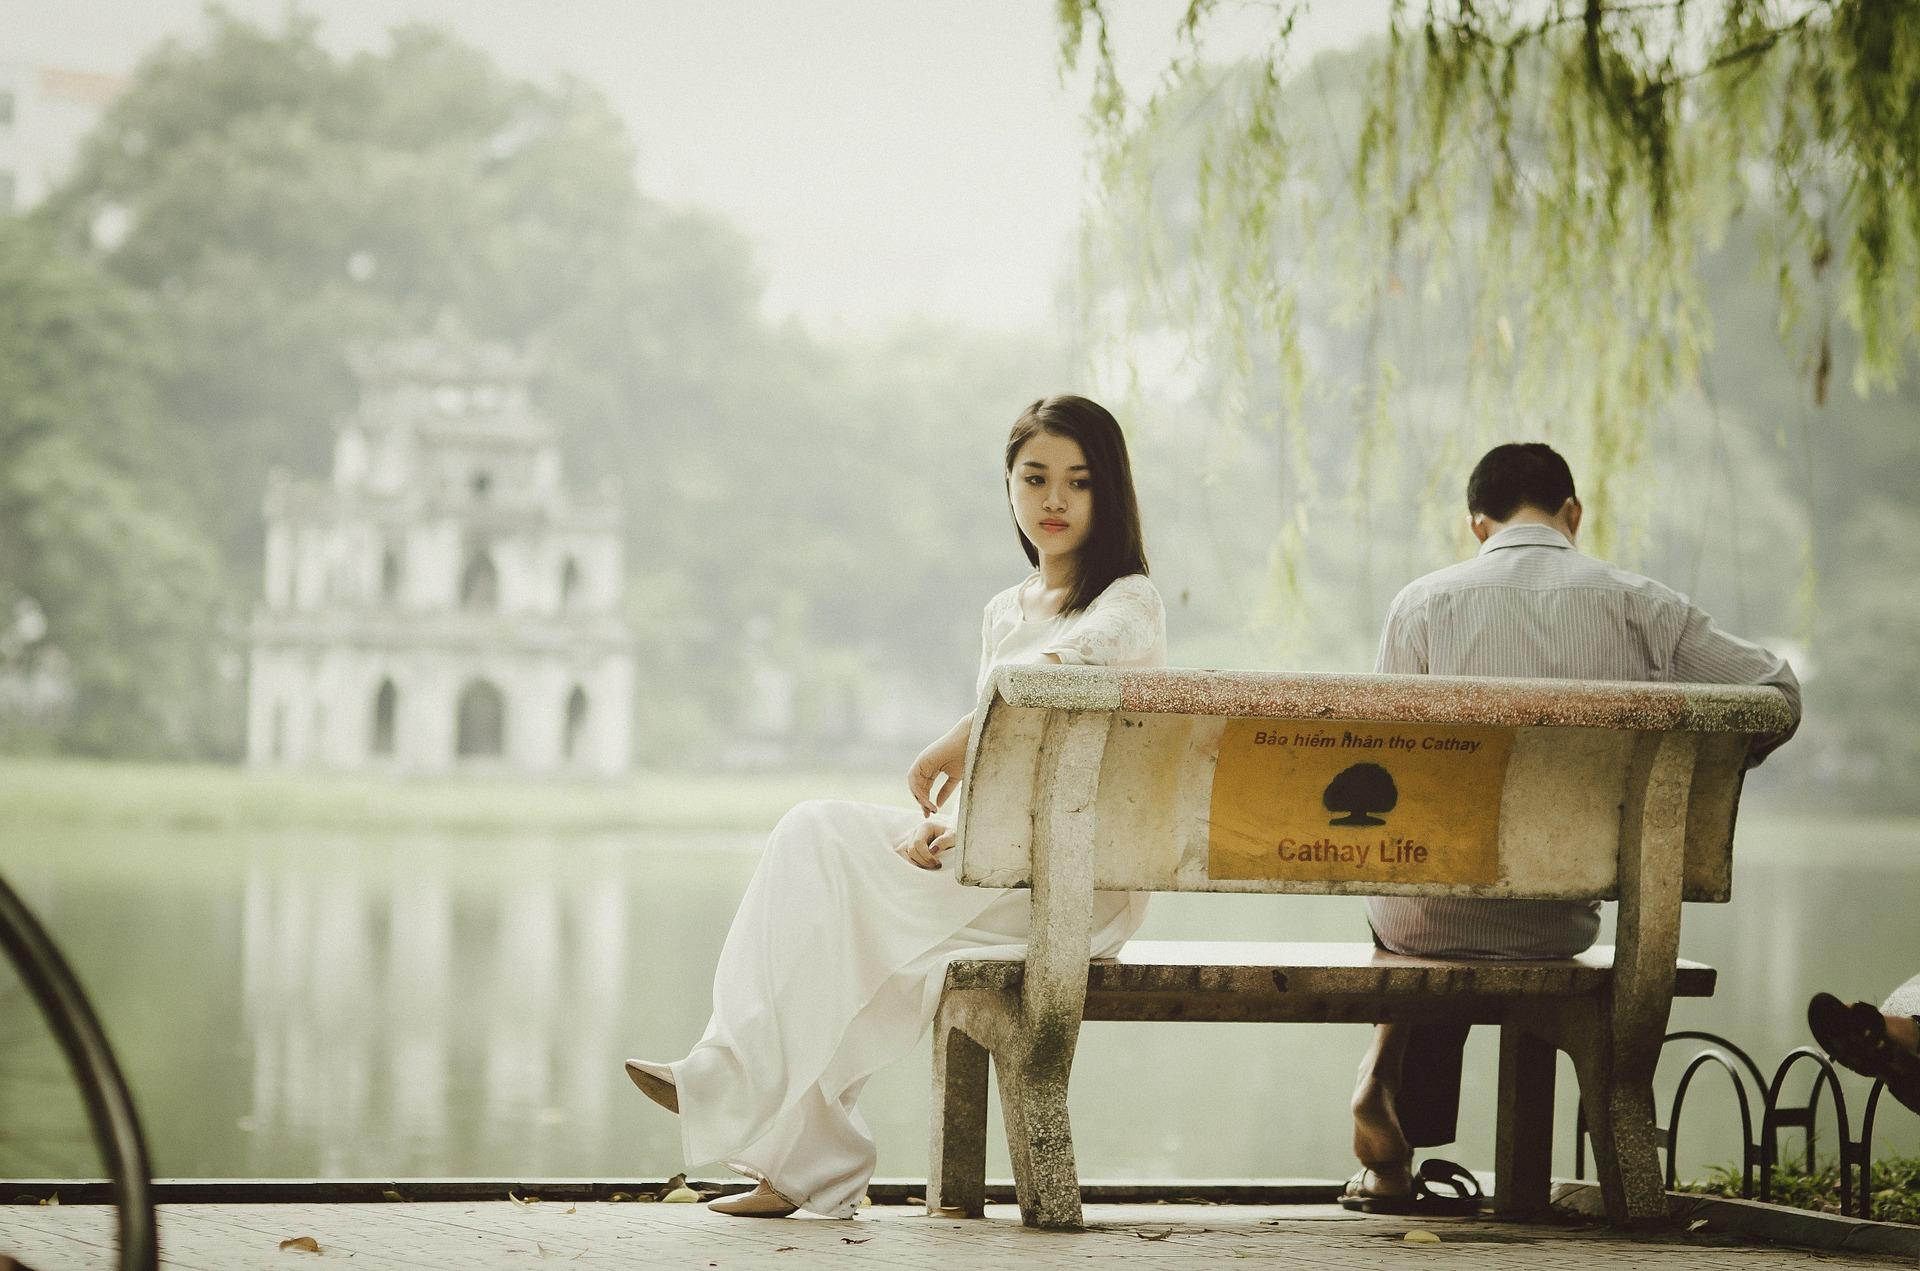 İkili İlişkilerinizi Artırmanız için 7 Basit ve Etkili Yöntem